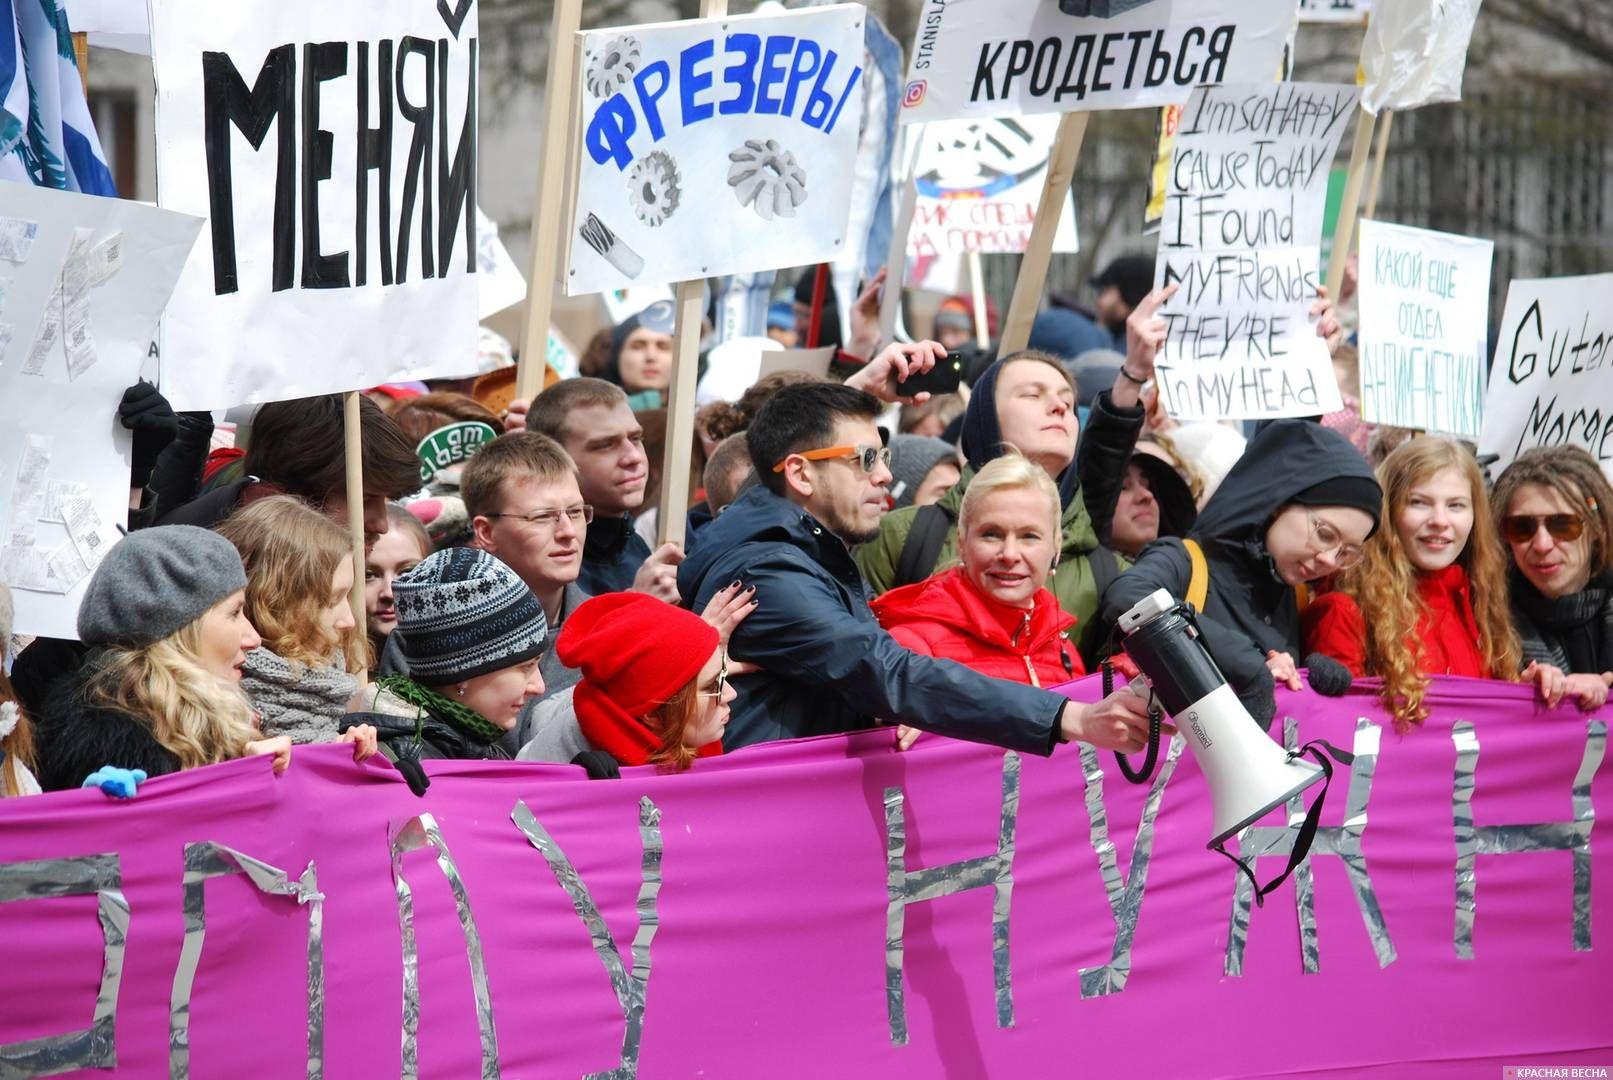 Глава департамента культуры, спорта и молодежной политики мэрии Новосибирска Анна Терешкова и организатор акции Артем Лоскутов в первых рядах монстрации.